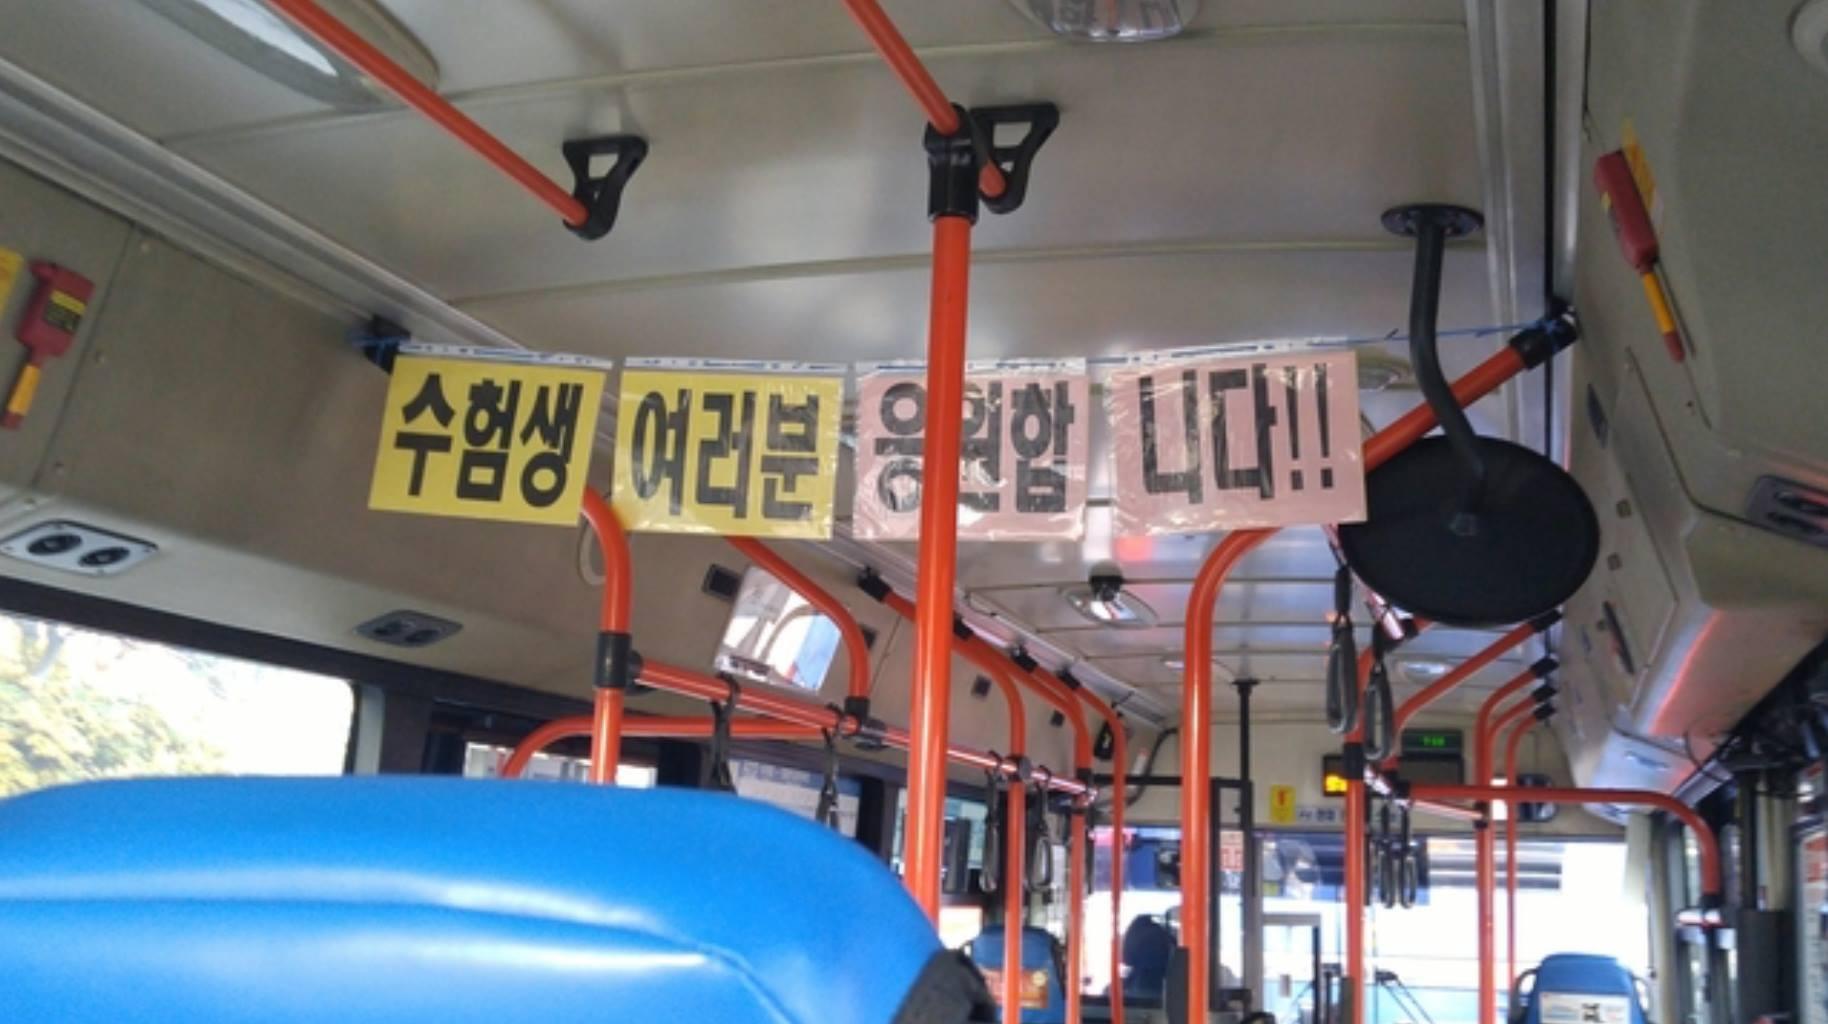 600.000 thí sinh Hàn Quốc thi Đại học: Cả đất nước nín thở, học sinh lớp 11 quỳ ngoài cổng trường chúc anh chị thi tốt - Ảnh 2.